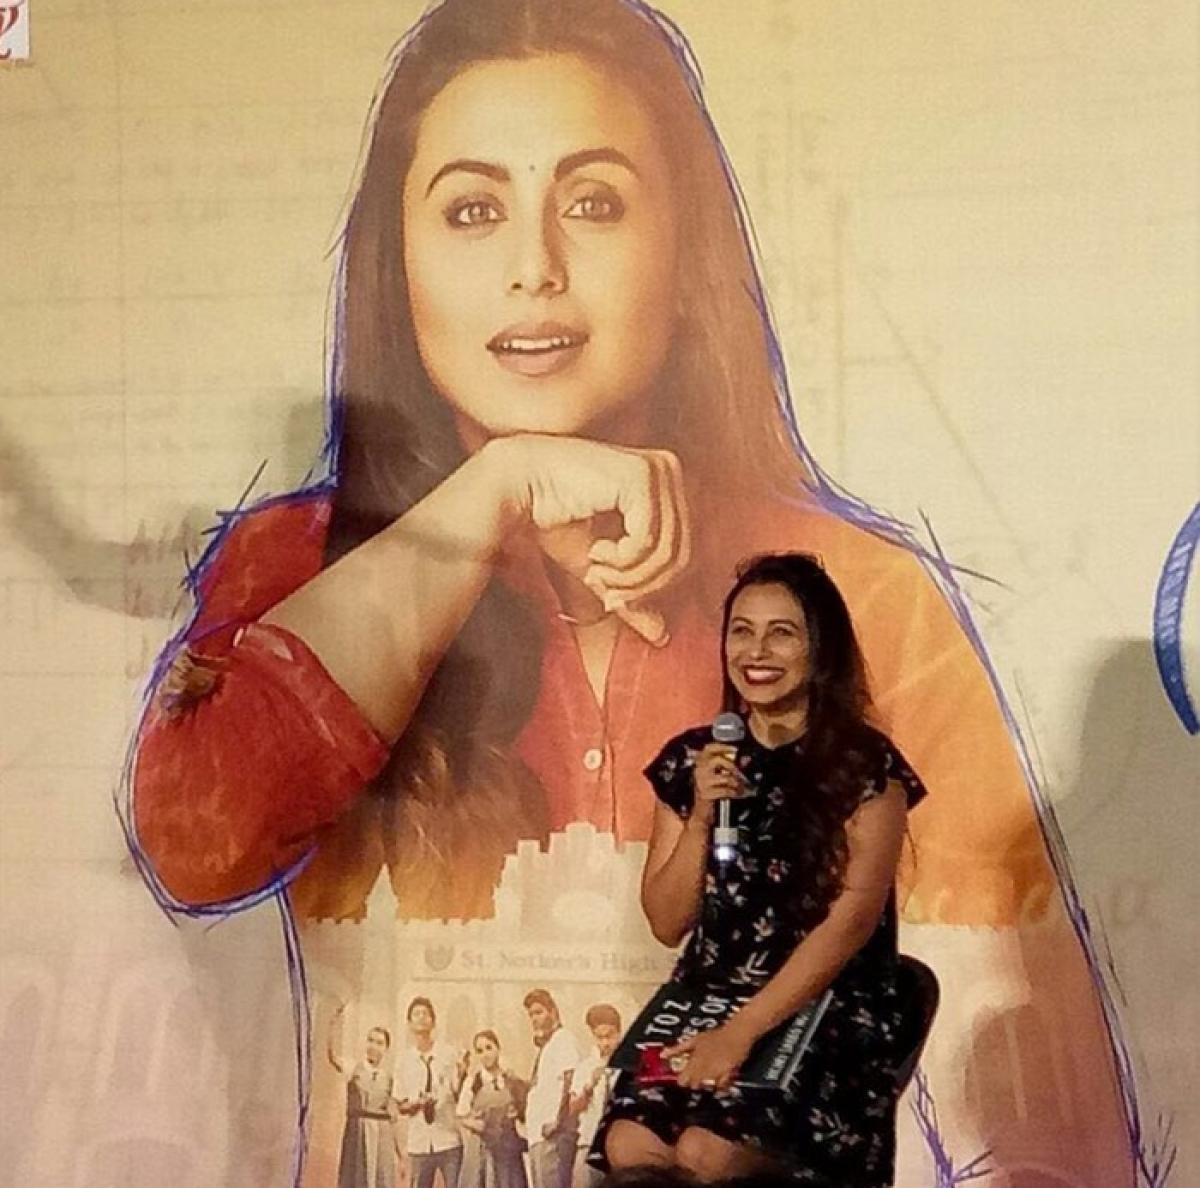 Speech impairment not a subject but reality: Rani Mukerji